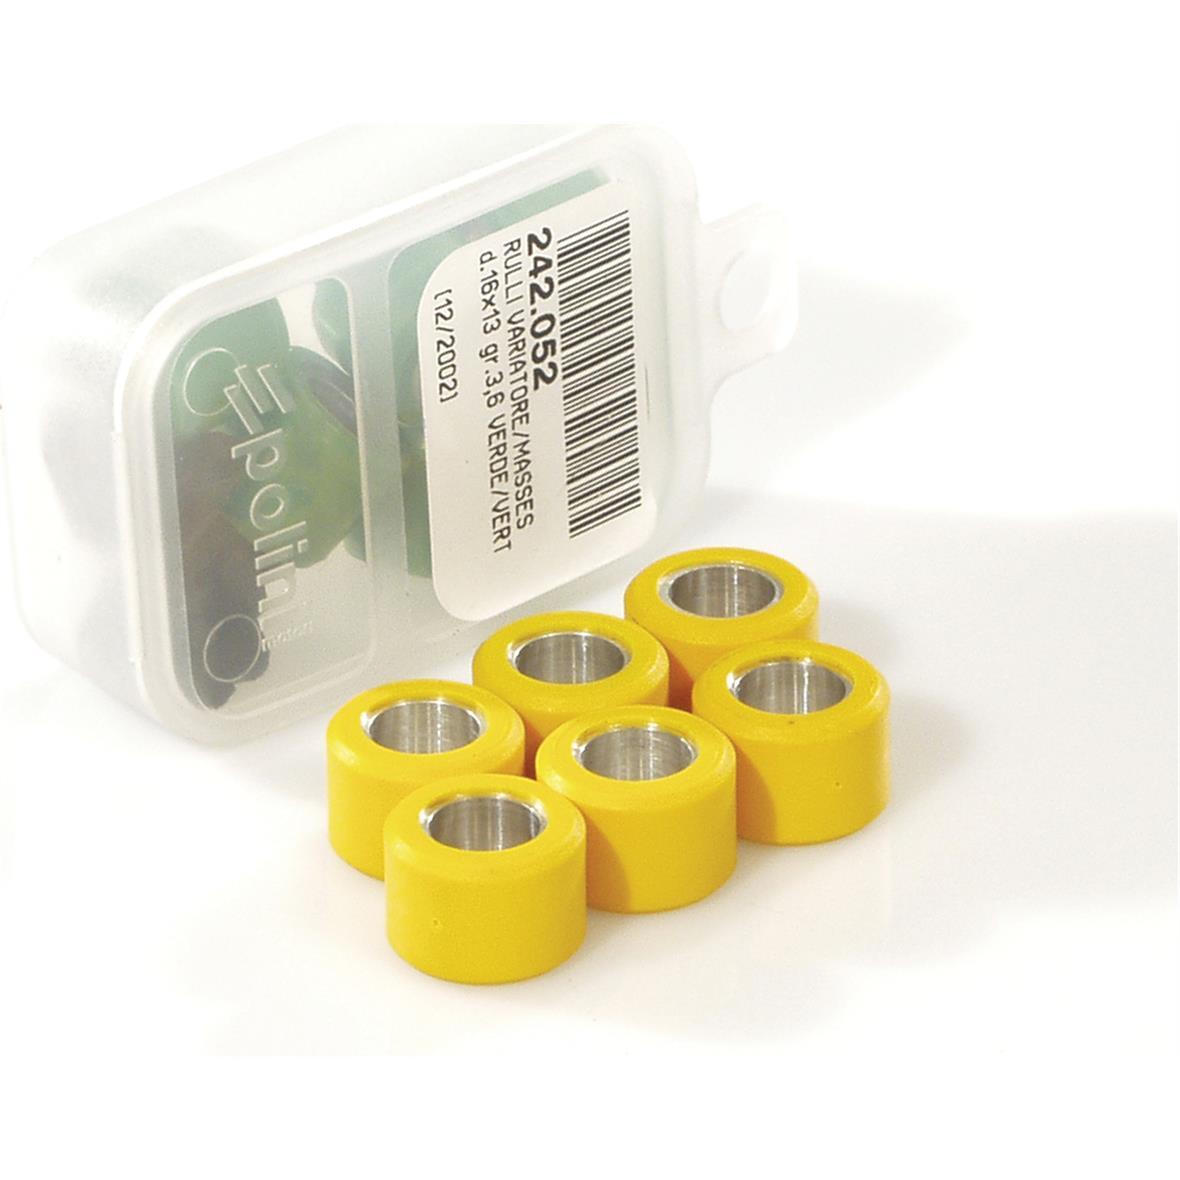 Productafbeelding voor 'Variateur Rollen POLINI 19x13,5 mm 10,5 gramTitle'